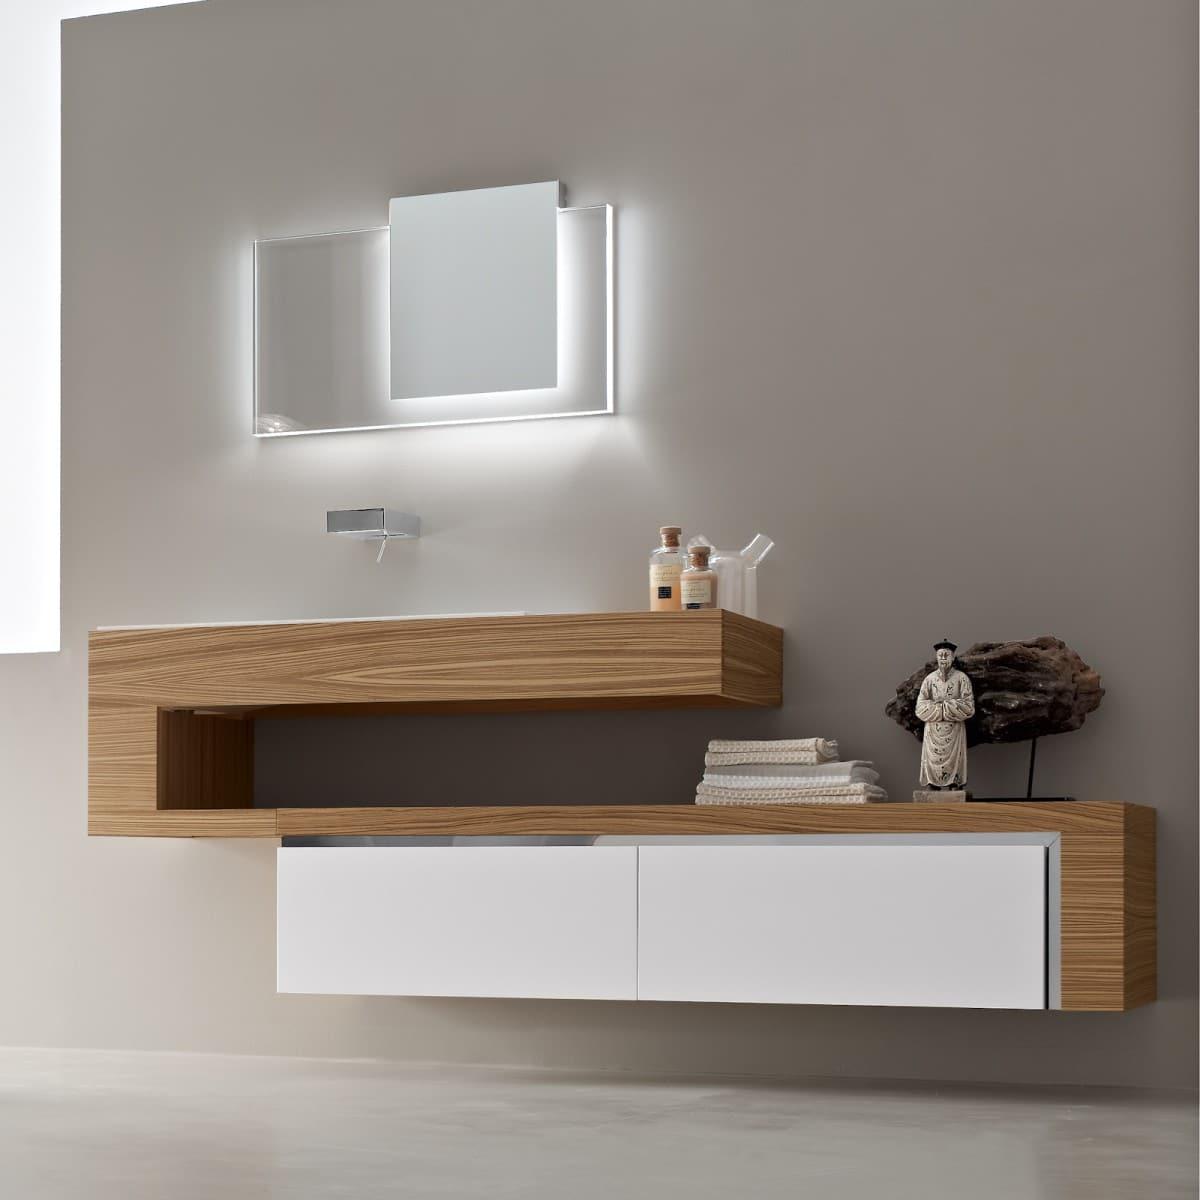 Mueble Baño Moderno | Diseno De Cuartos De Bano Modernos Fotos Construye Hogar